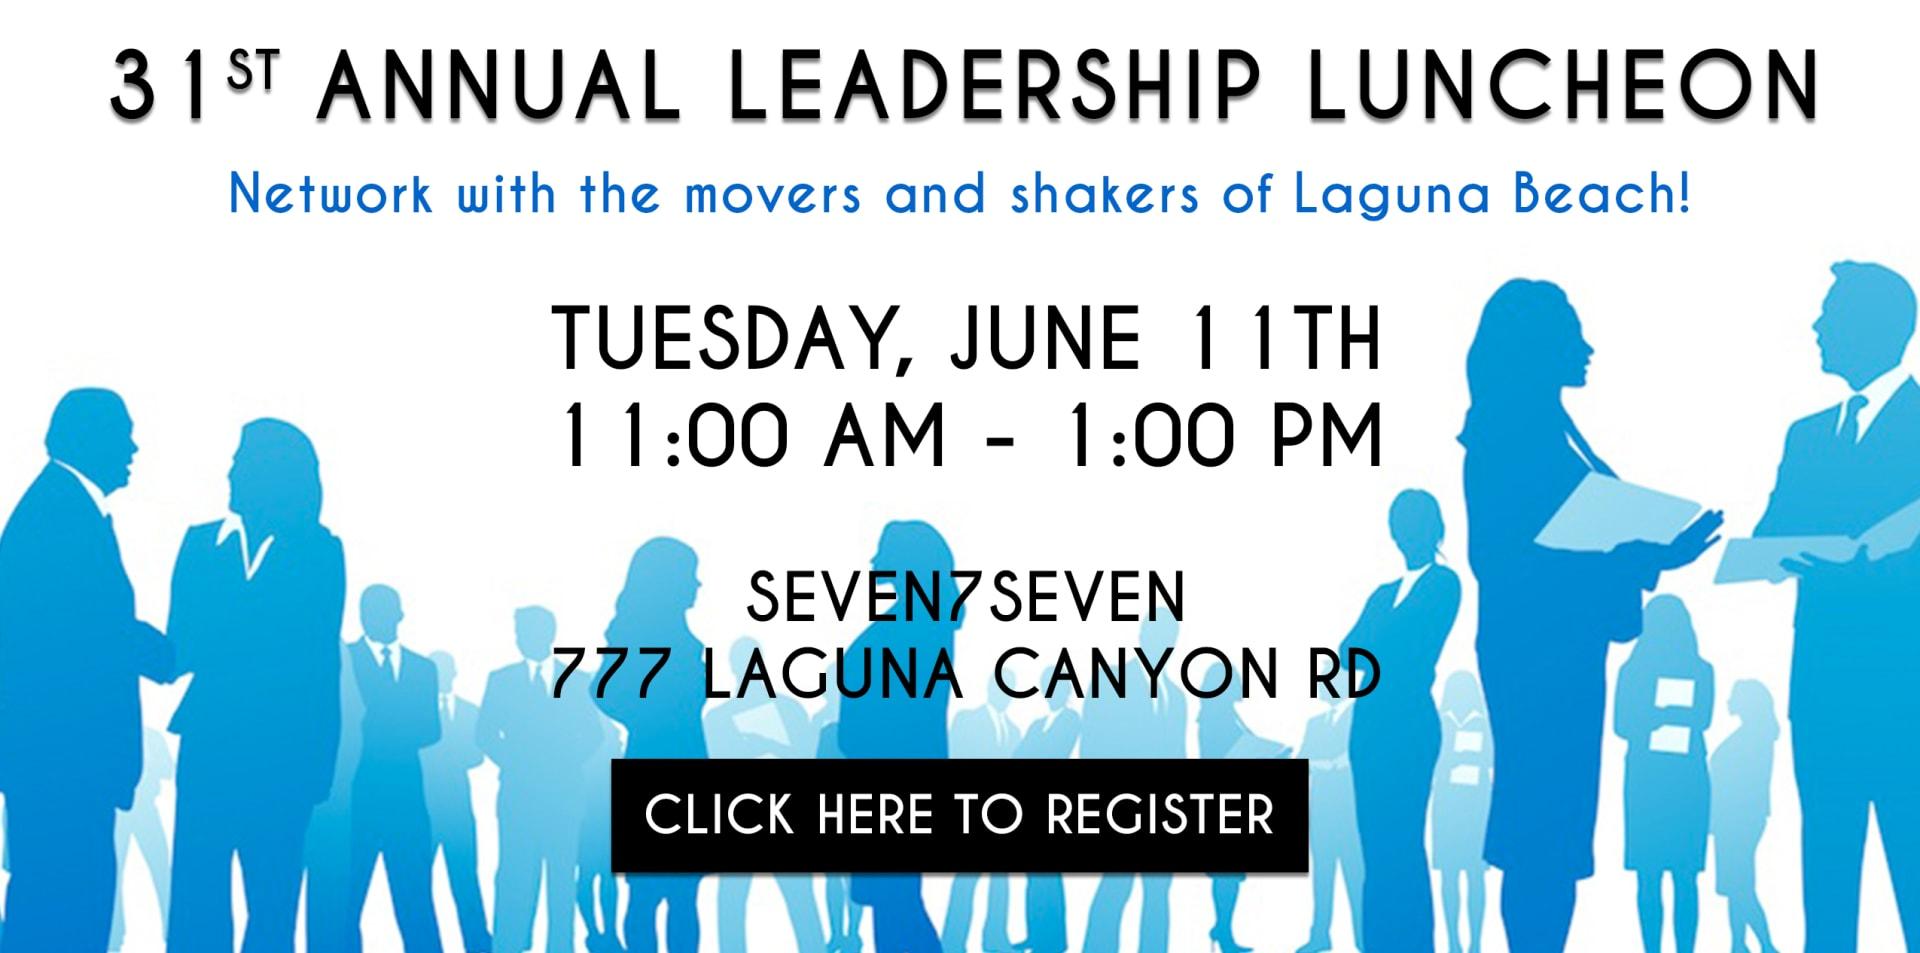 Leadership-Web-Ad.jpg